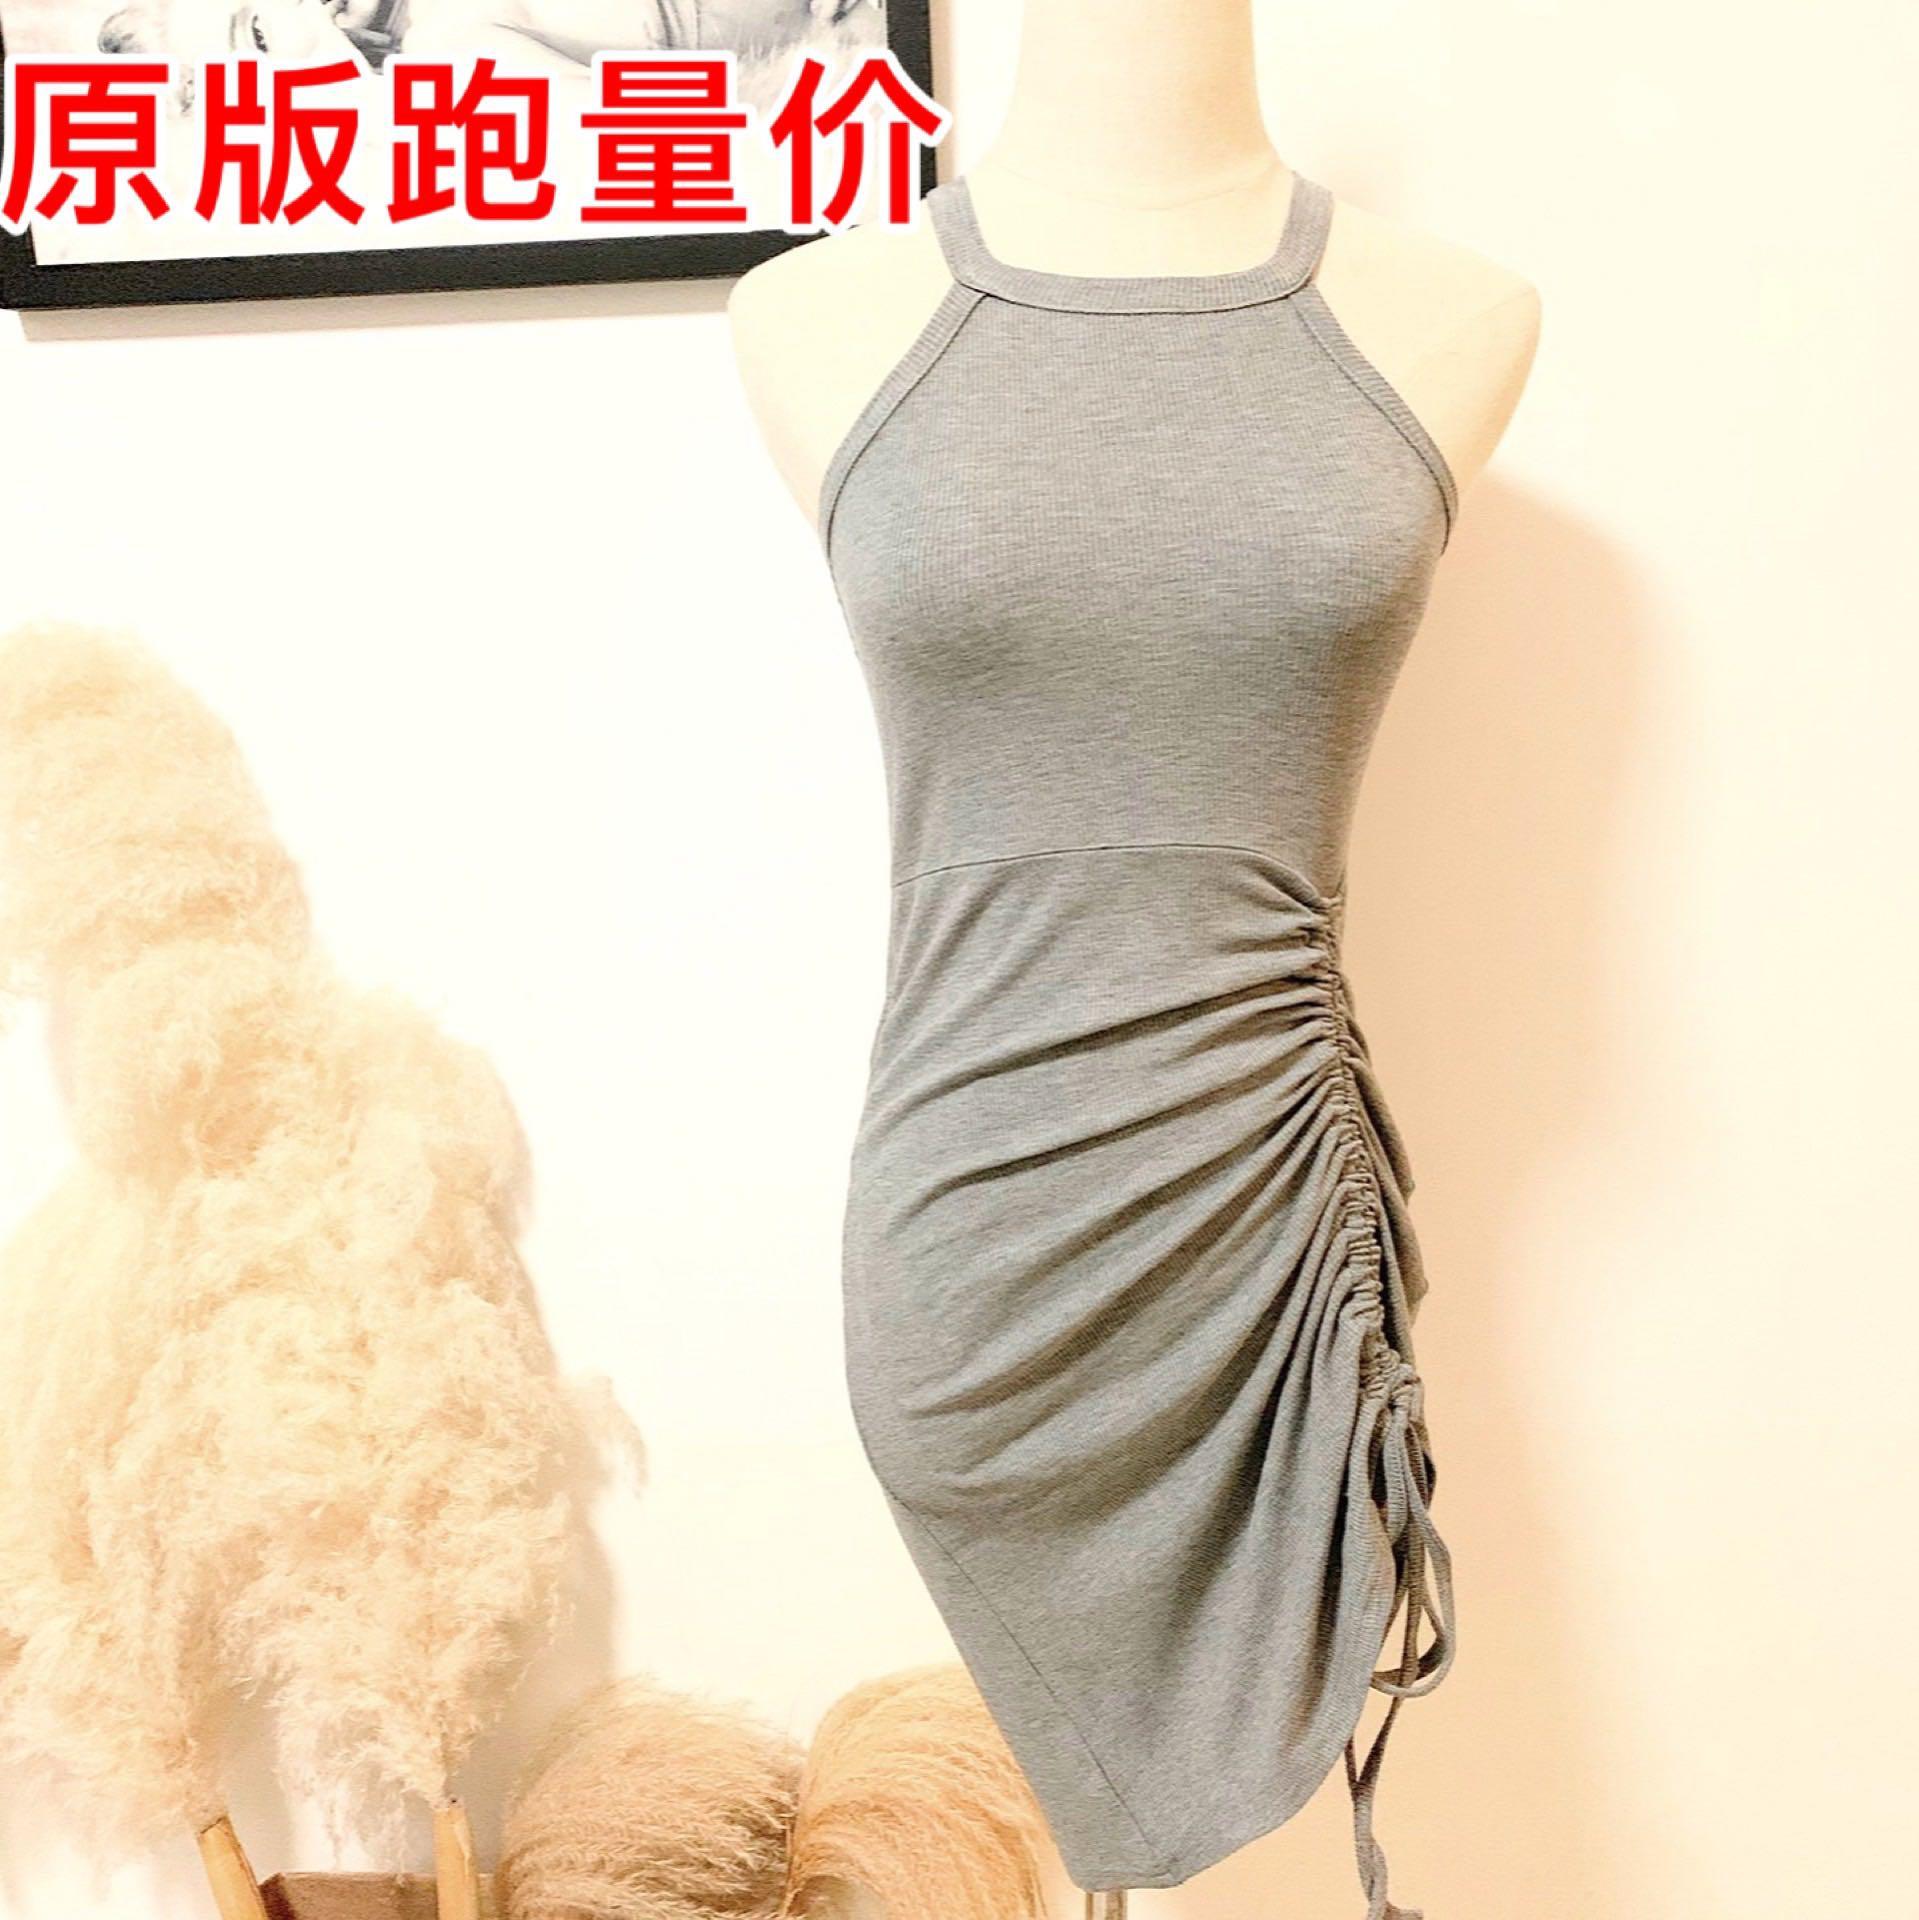 周小熊性感连衣裙女修身显瘦挂脖针织背心裙夏季温柔打底包臀裙